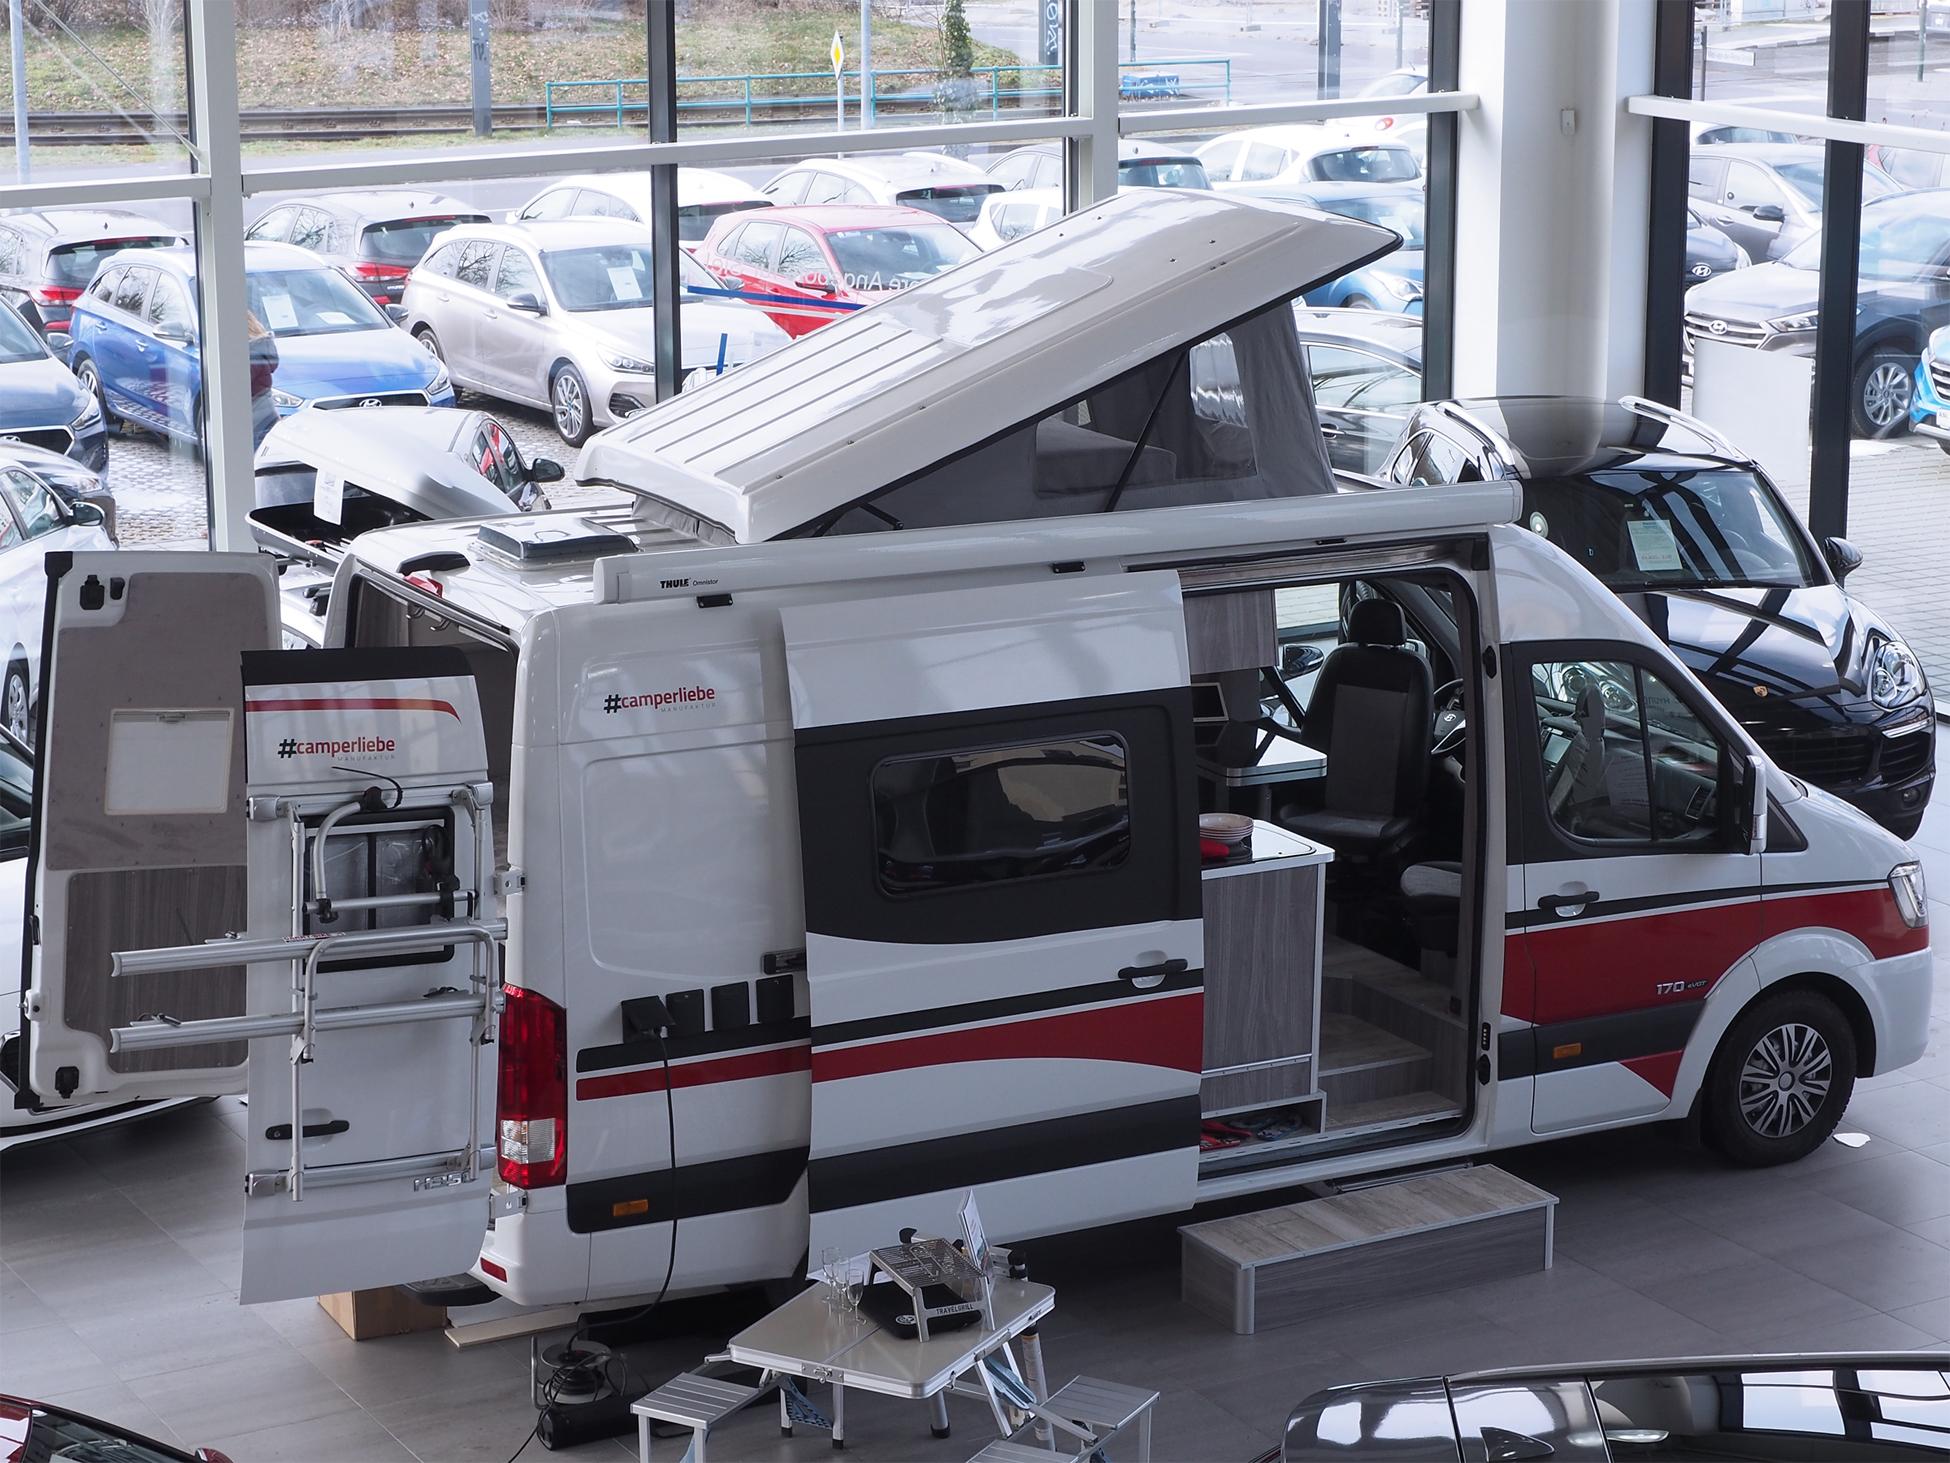 camperliebe Kastenwagen ❤ Mercedes - Hyundai - Fiat - Ford - VW